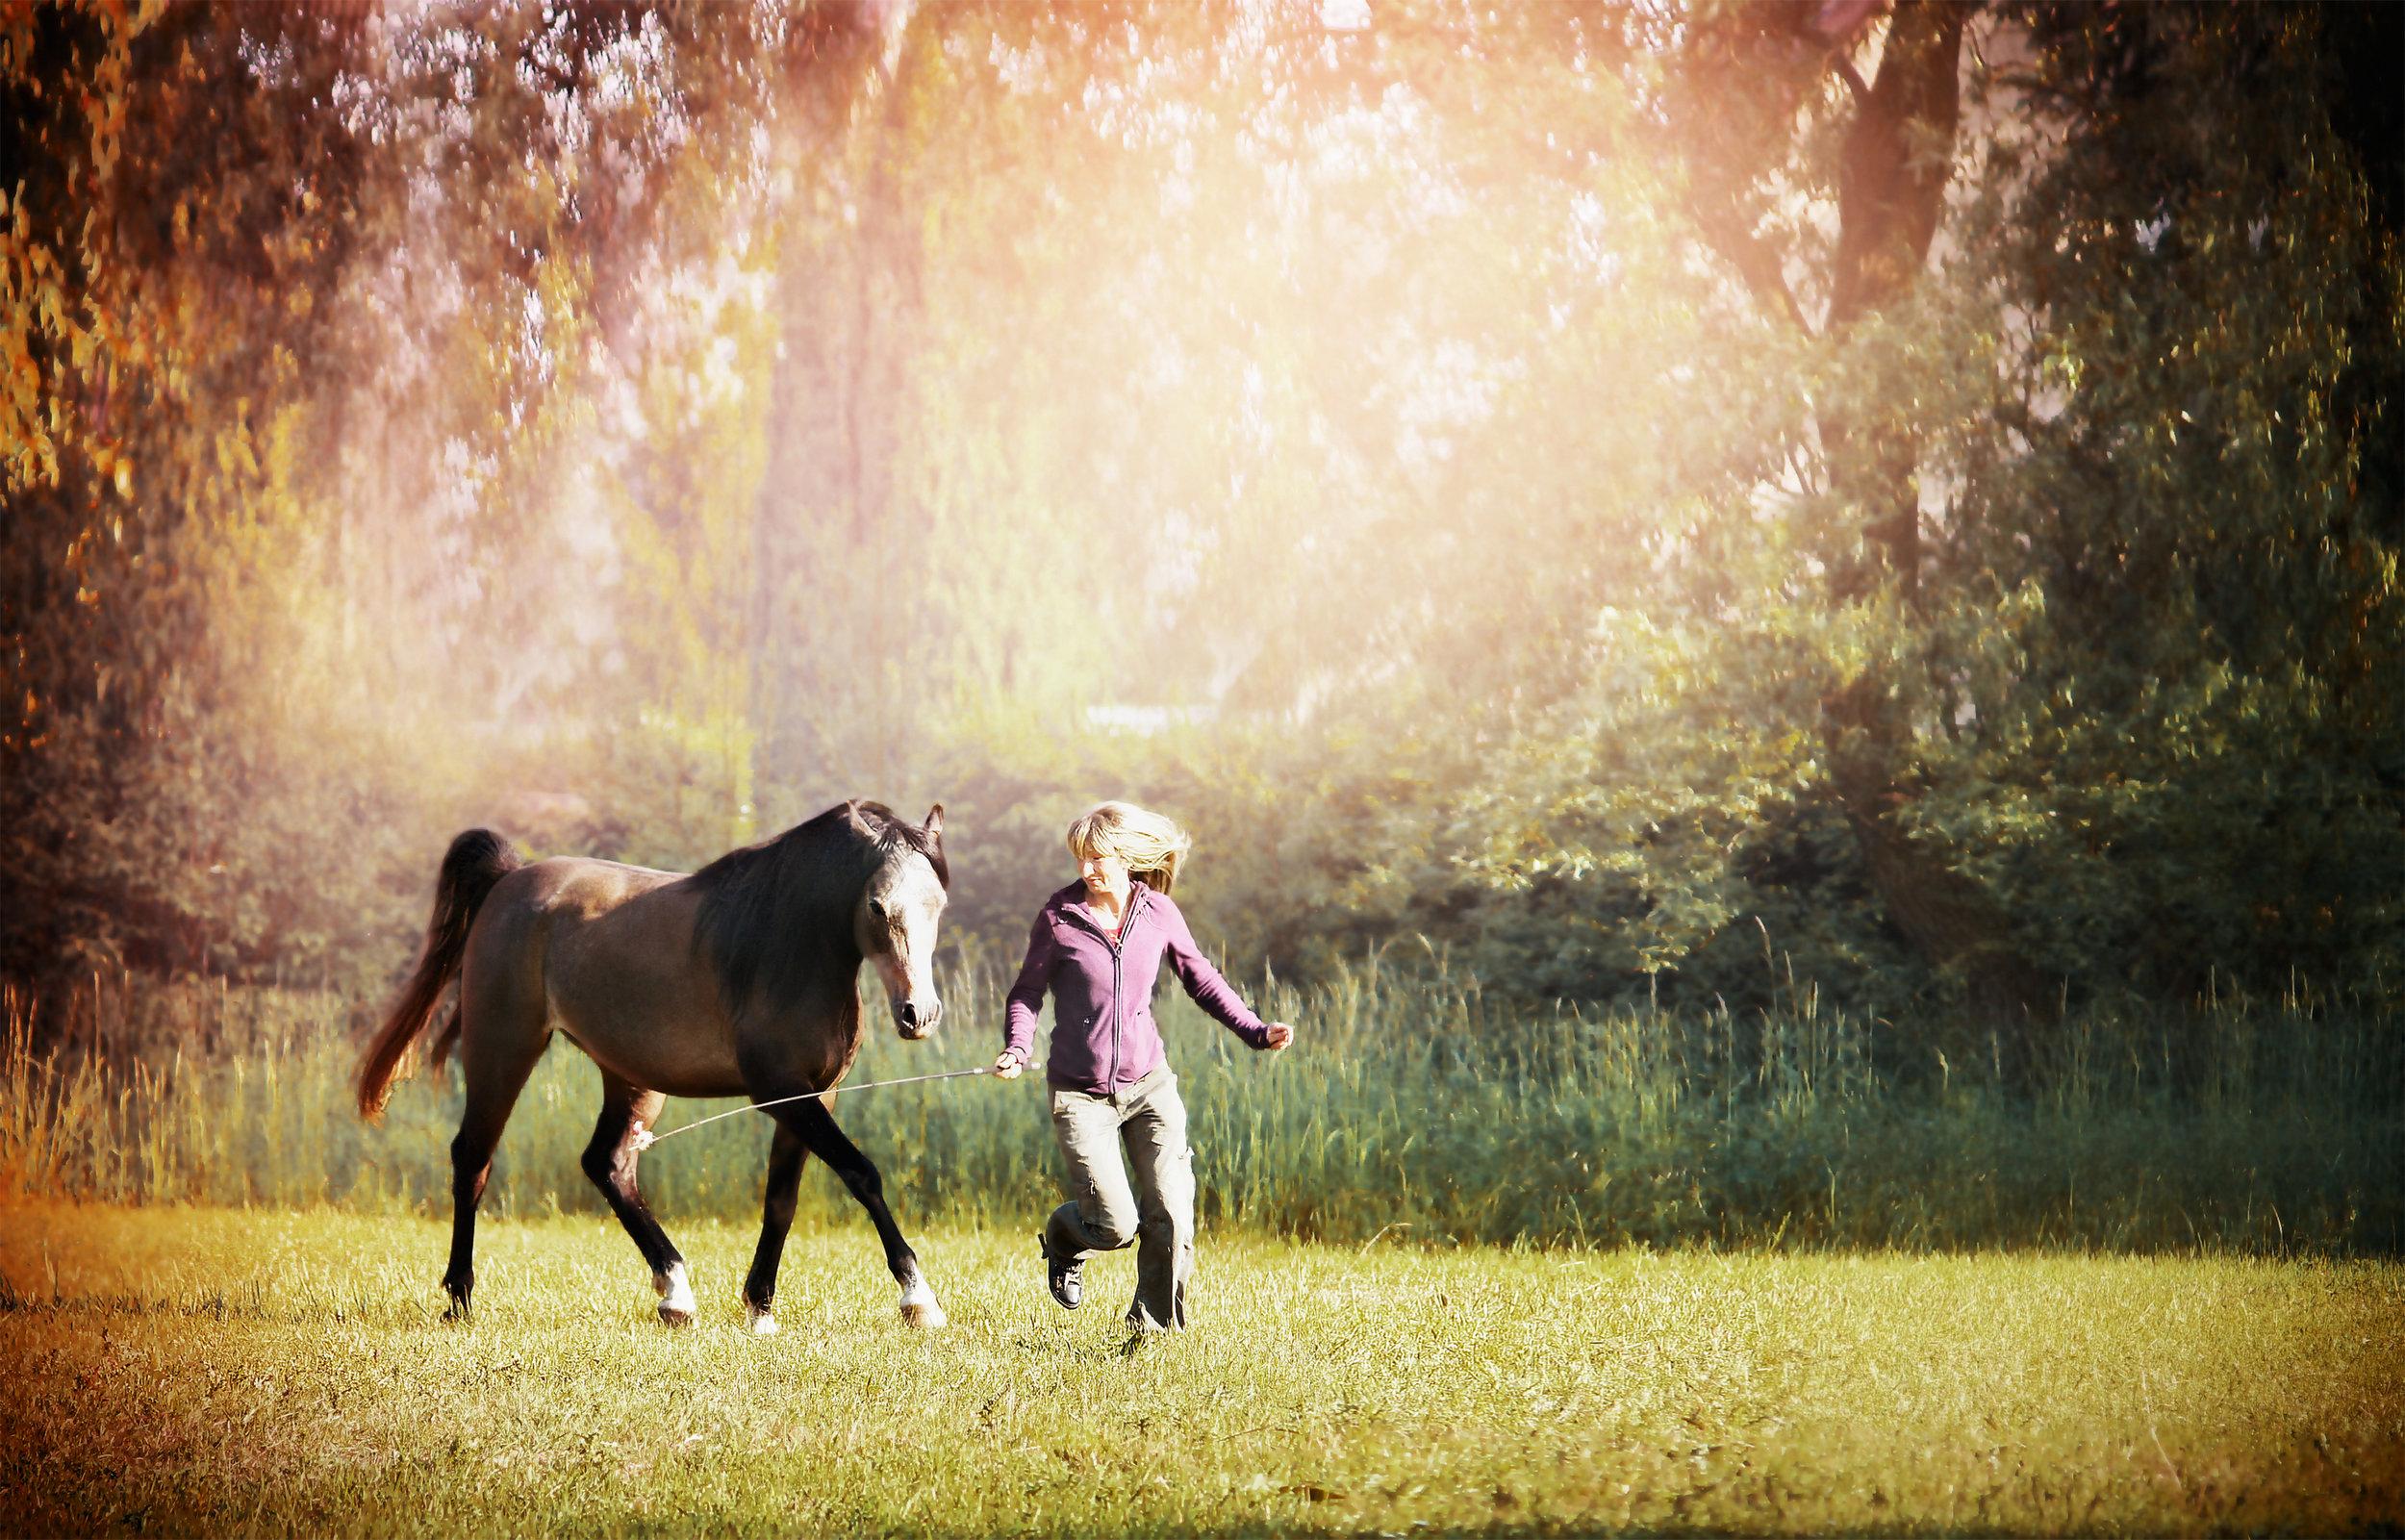 Equine rider on ground.jpeg